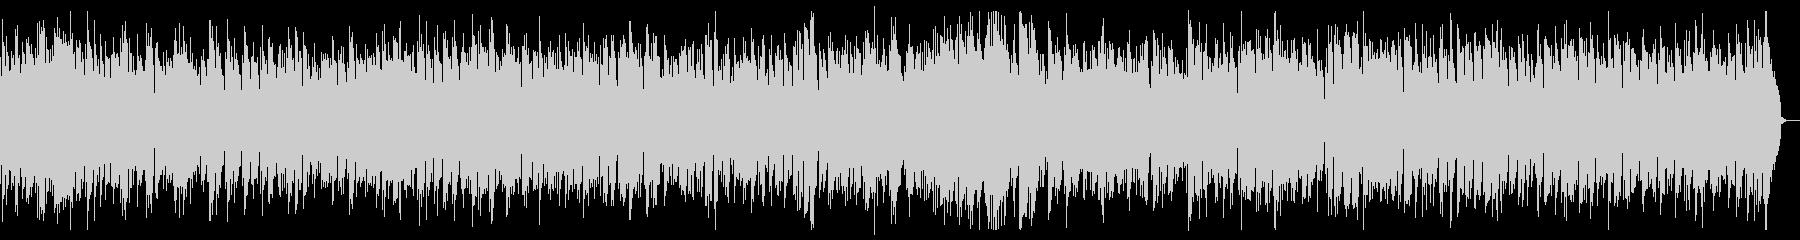 エレクトリックピアノのゆったりボサノバの未再生の波形